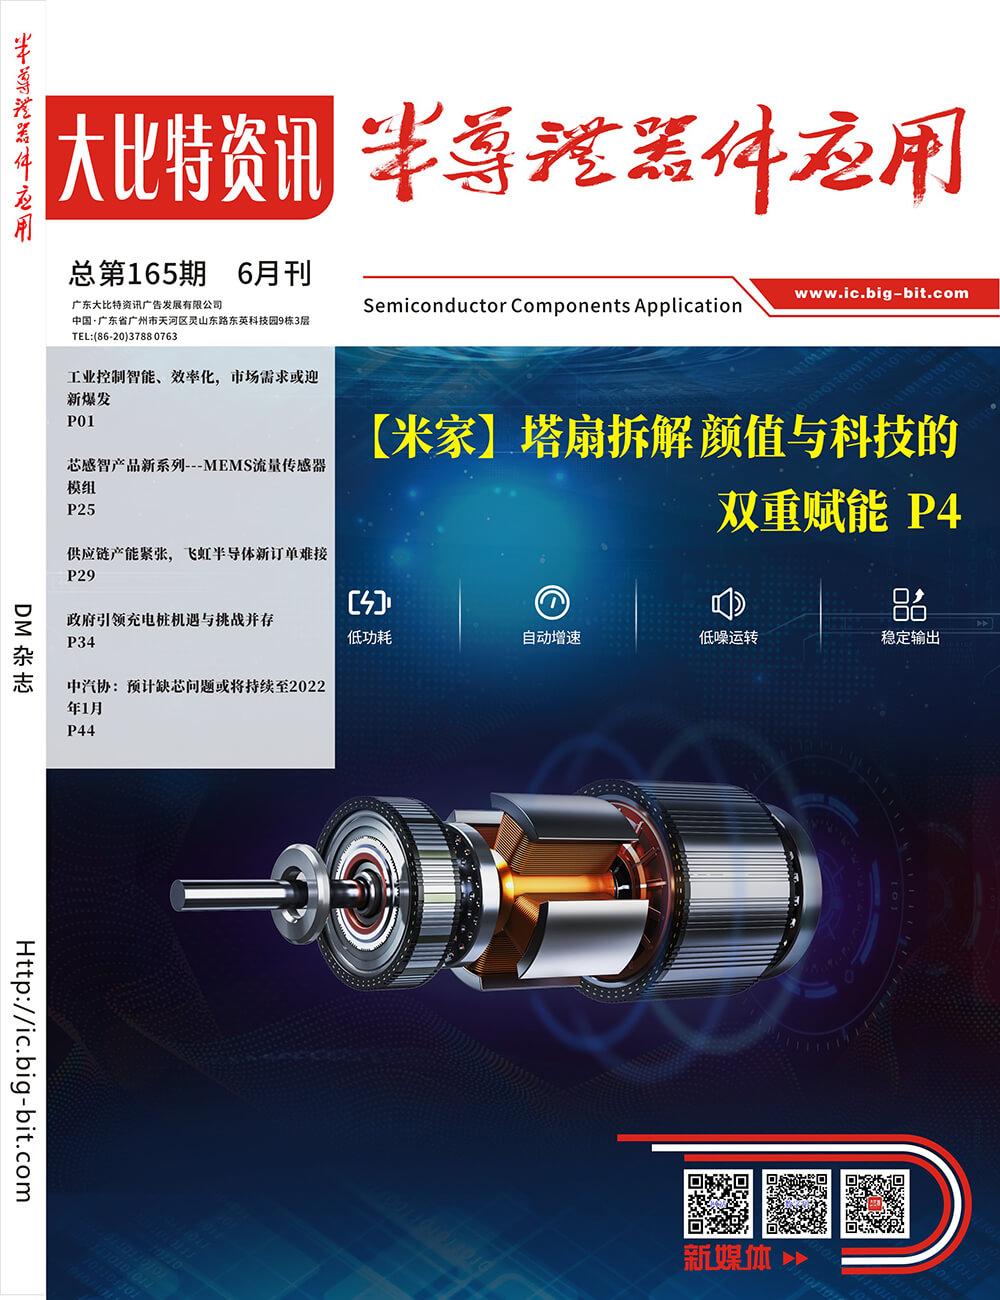 《半导体器件应用》2021年6月刊